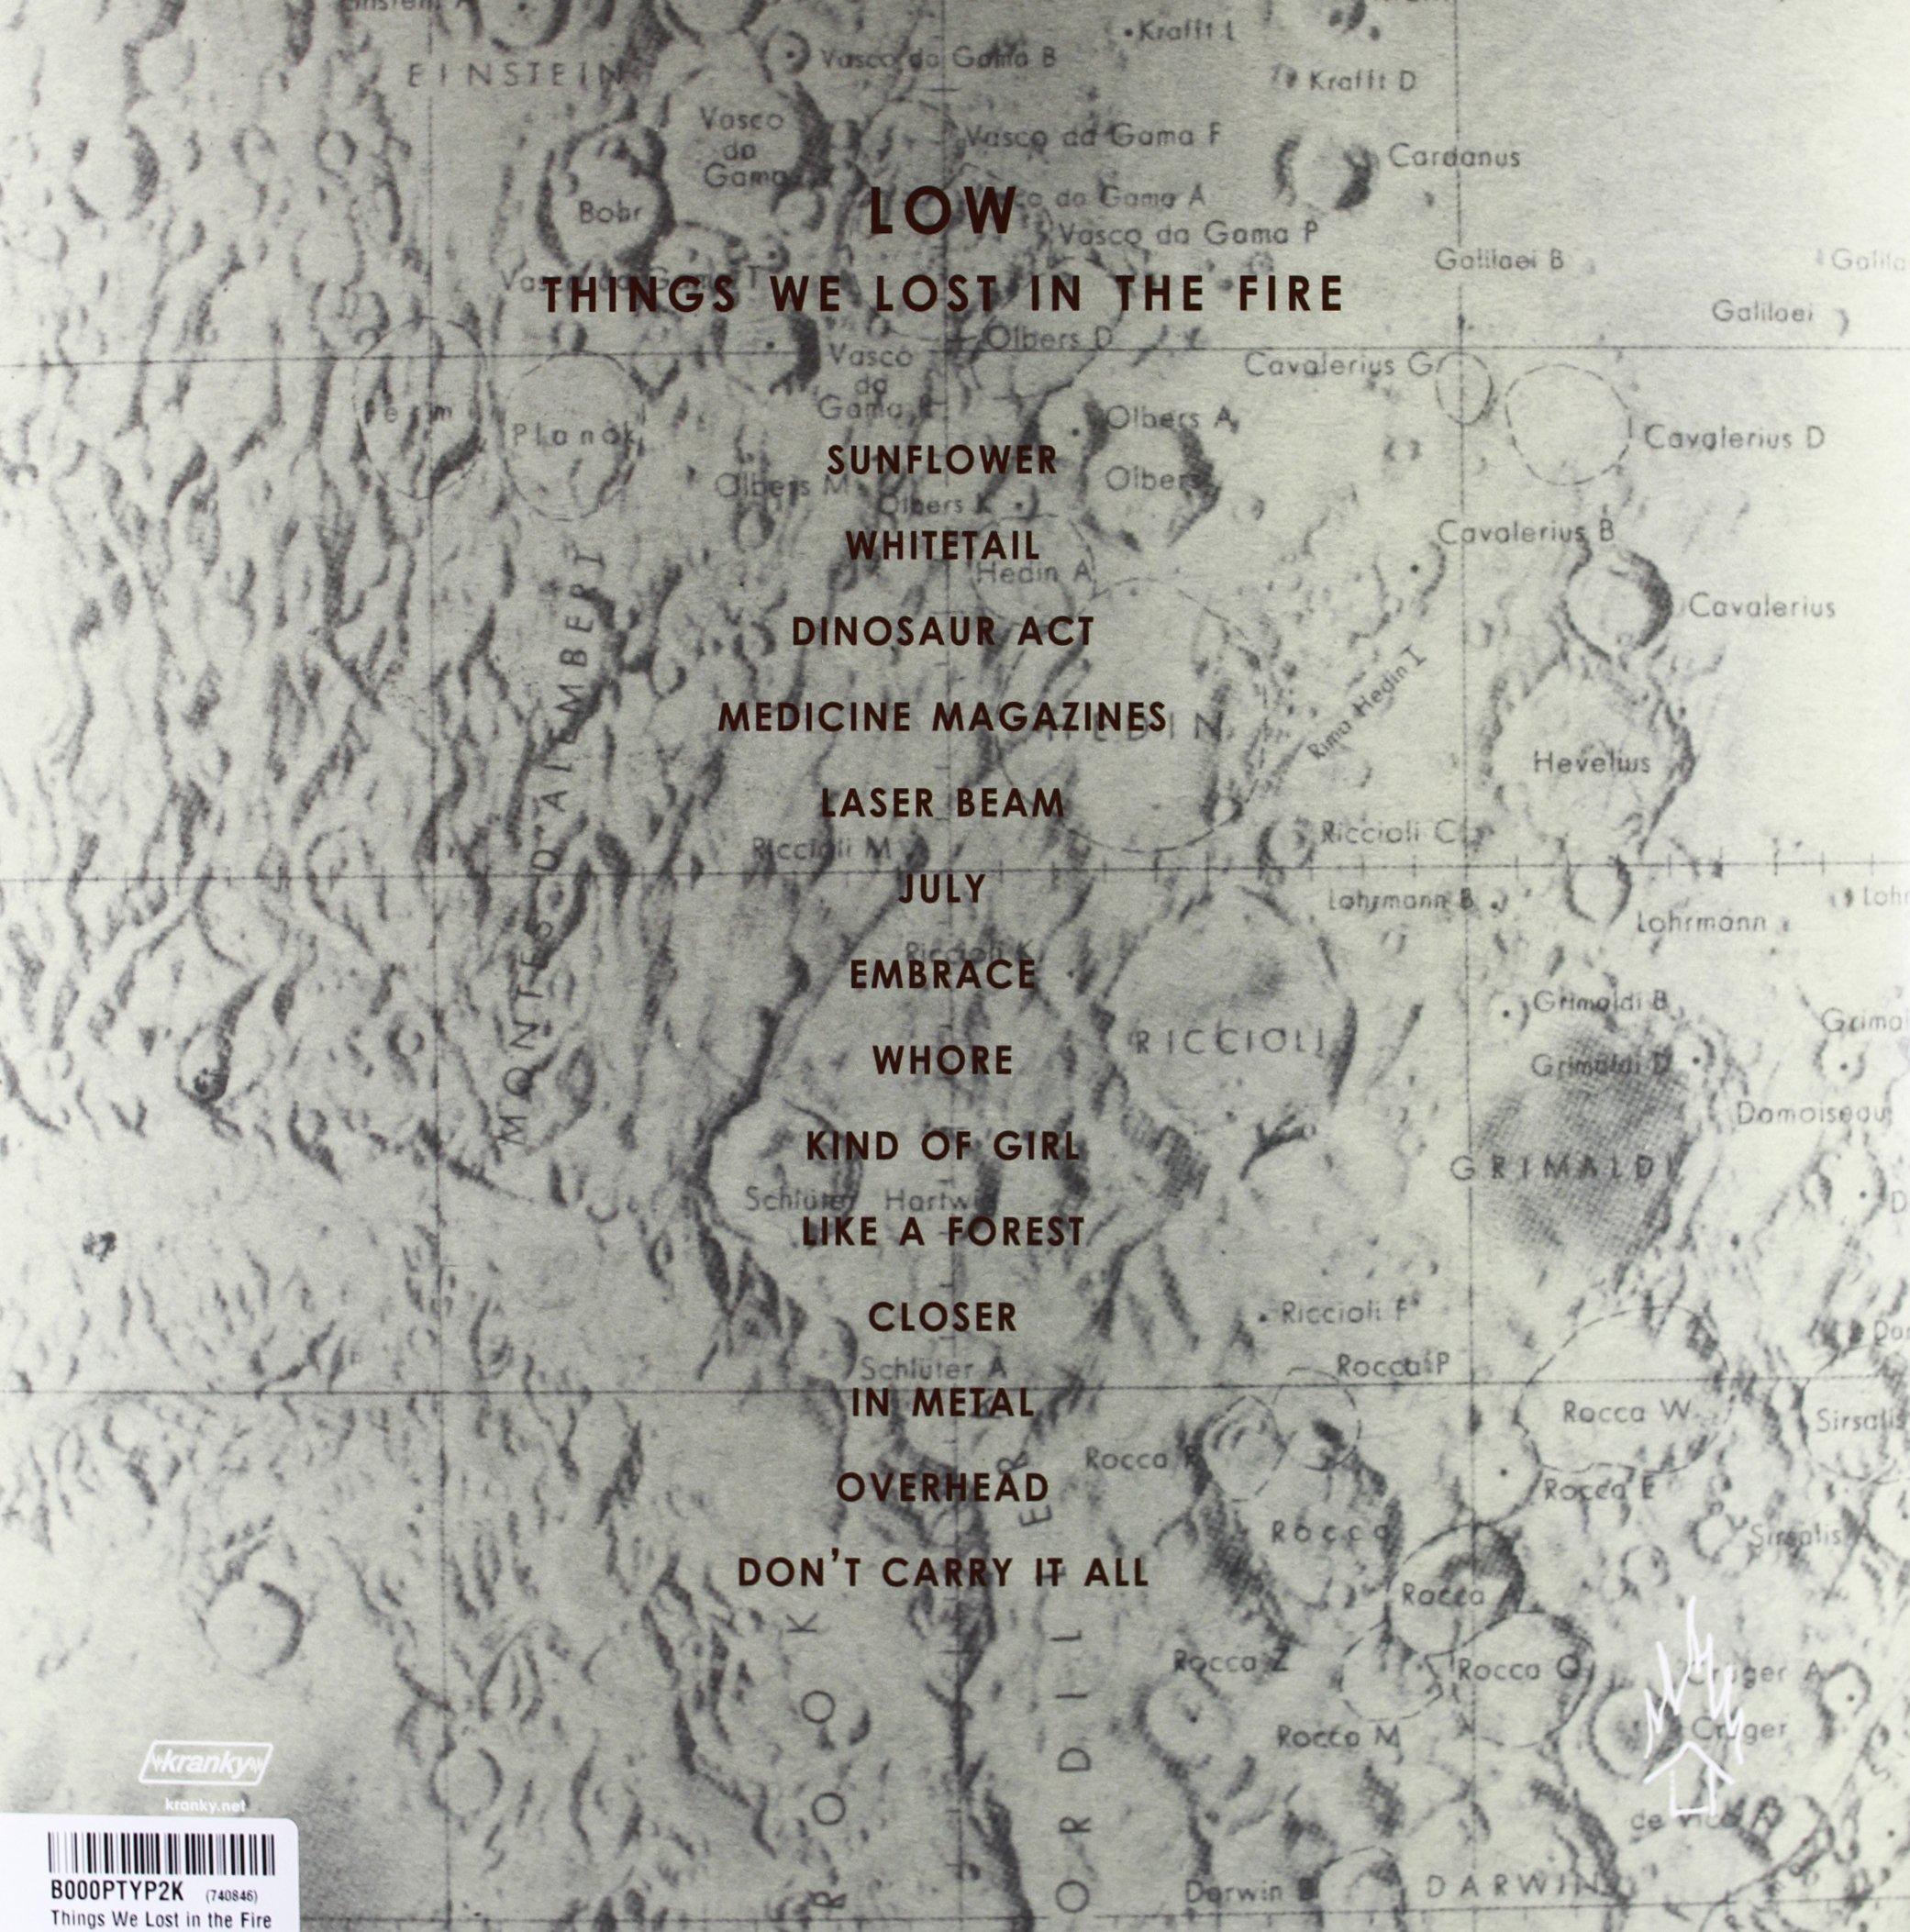 Things We Lost in the Fire [Vinyl] by VINYL